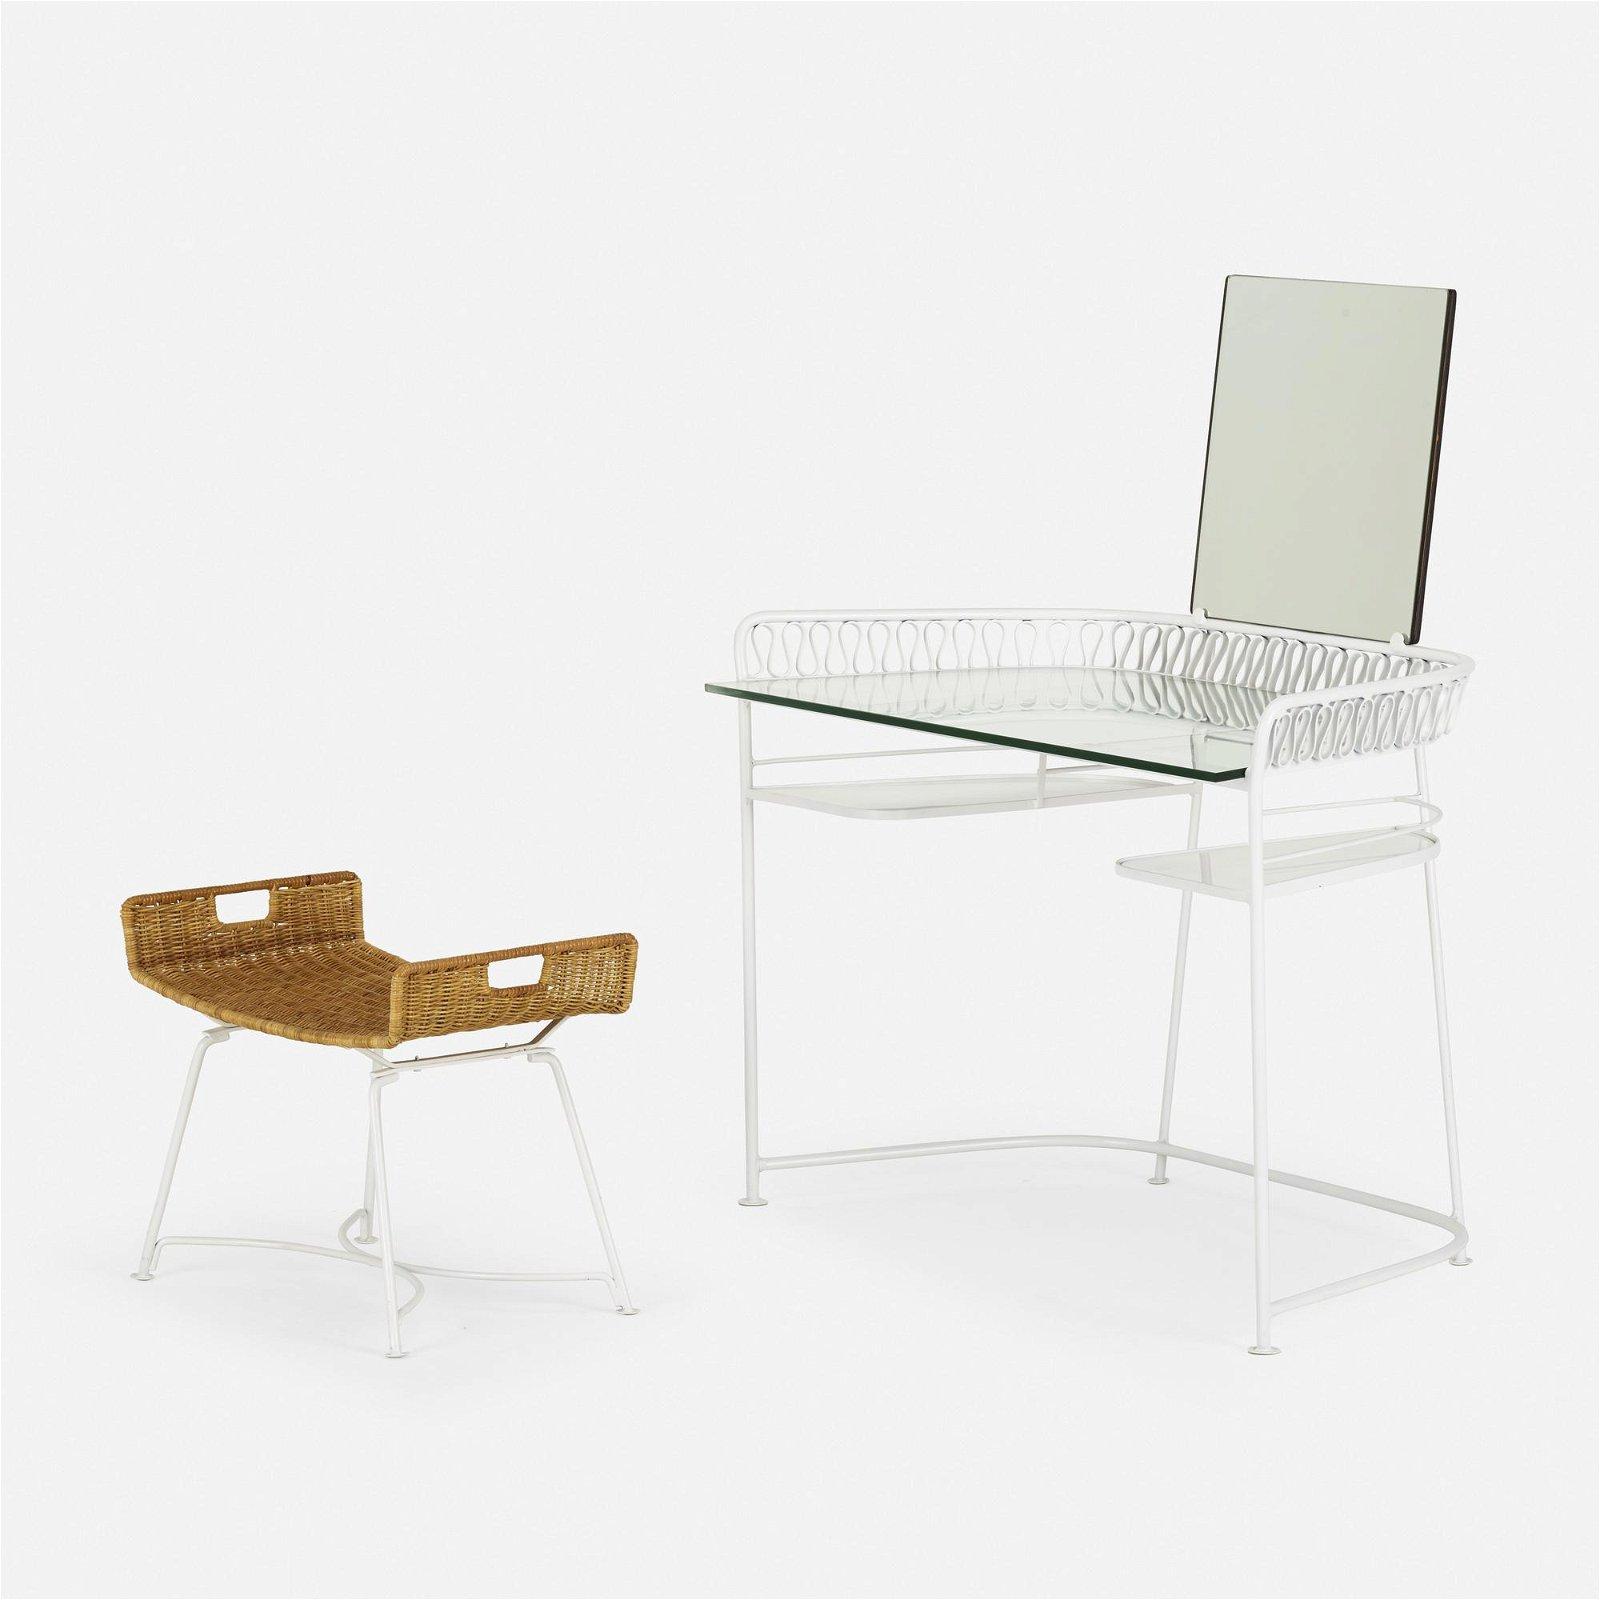 Maurizio Tempestini, Ribbons vanity and Neva-Rust bench